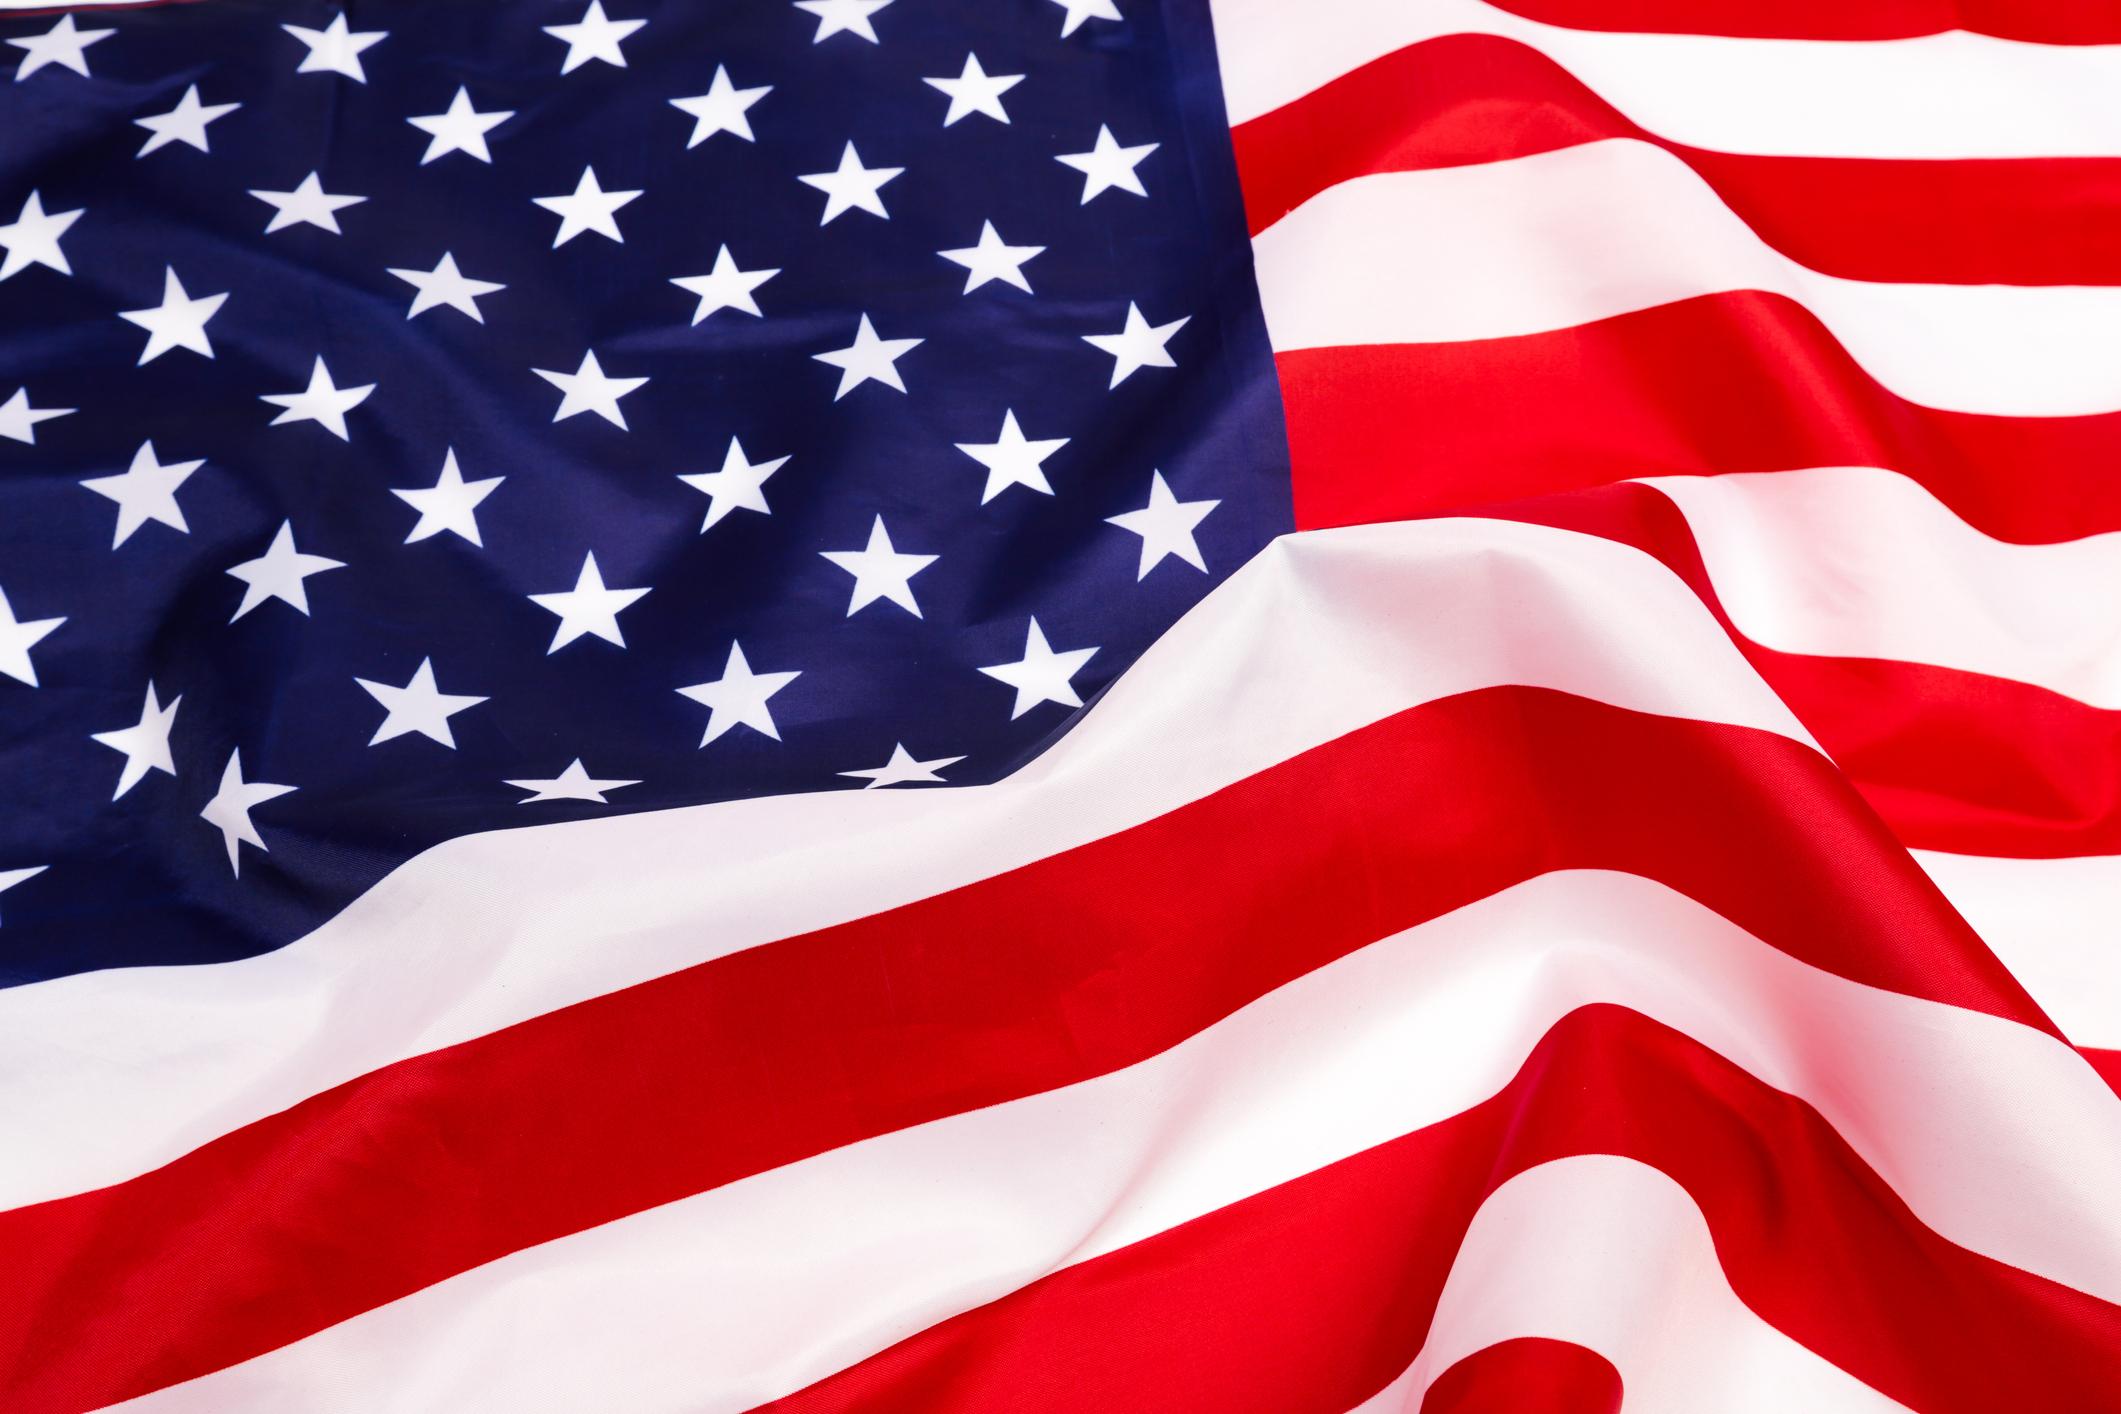 Dolmetscher für amerikanisches Englisch